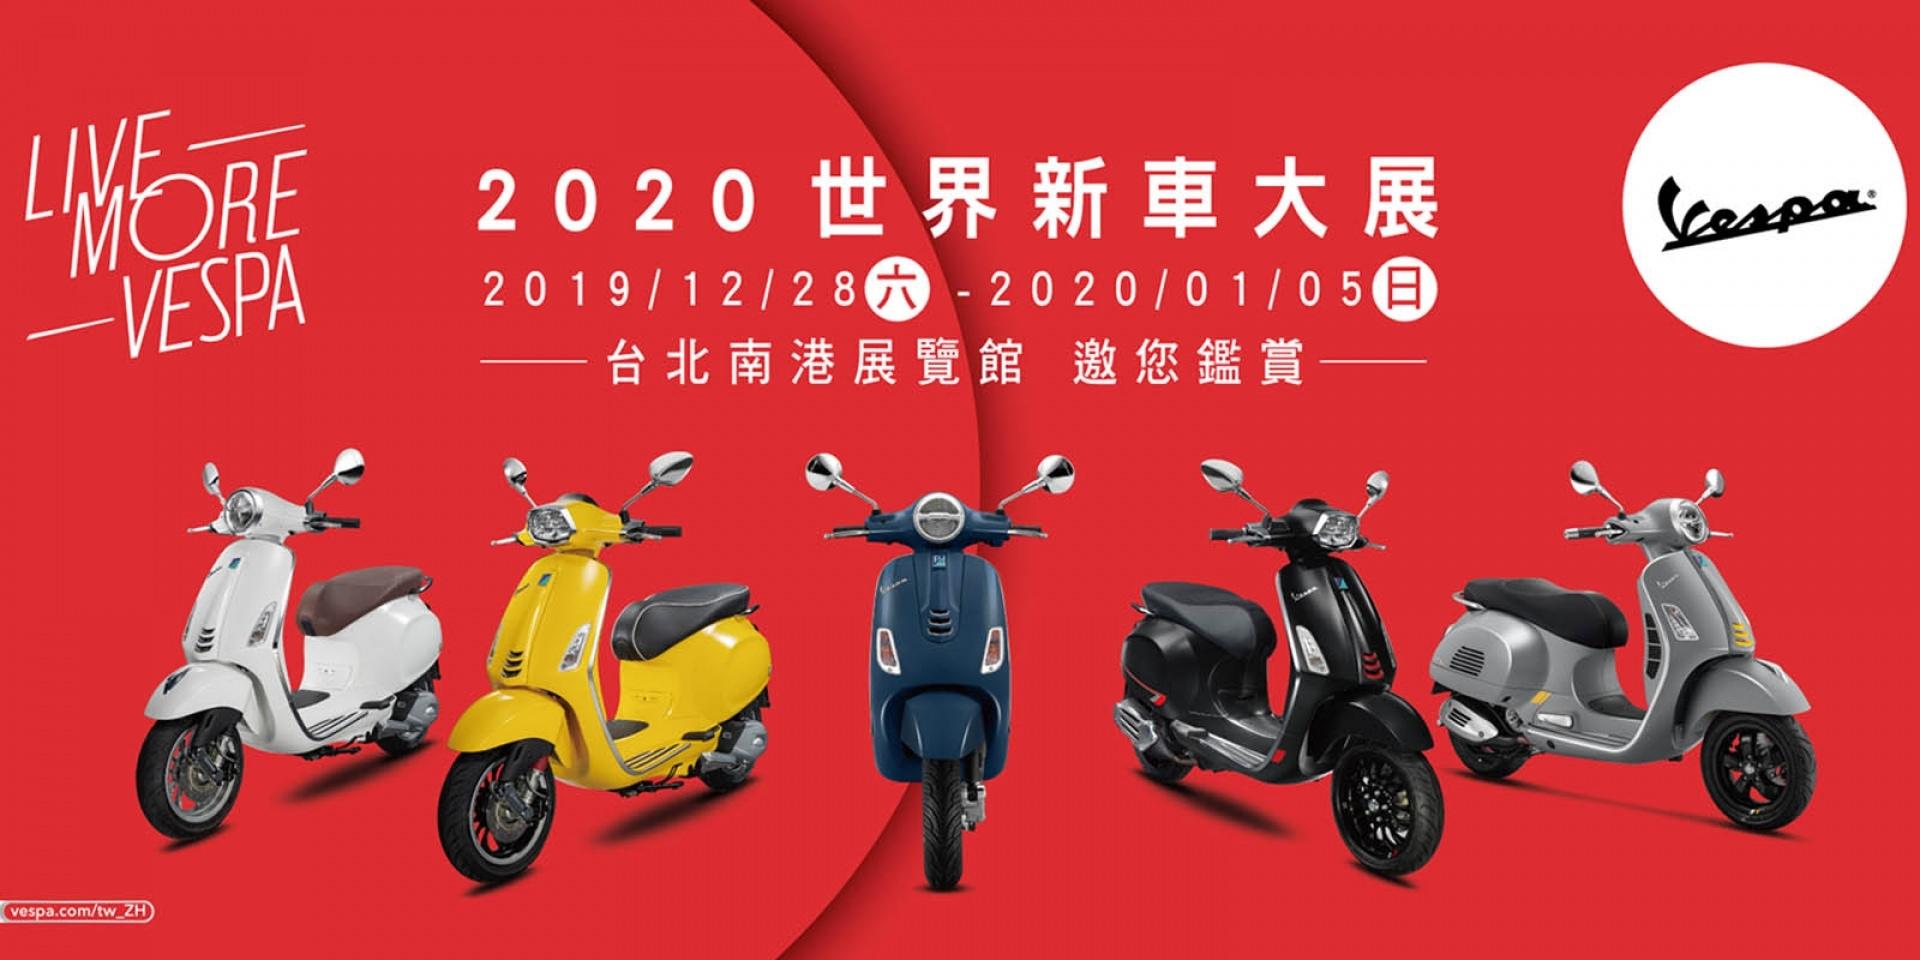 官方新聞稿。Vespa 2020世界新車大展 購車優惠提前開跑 LX 125 FL迎好年車展優惠價 NT$94,900元起